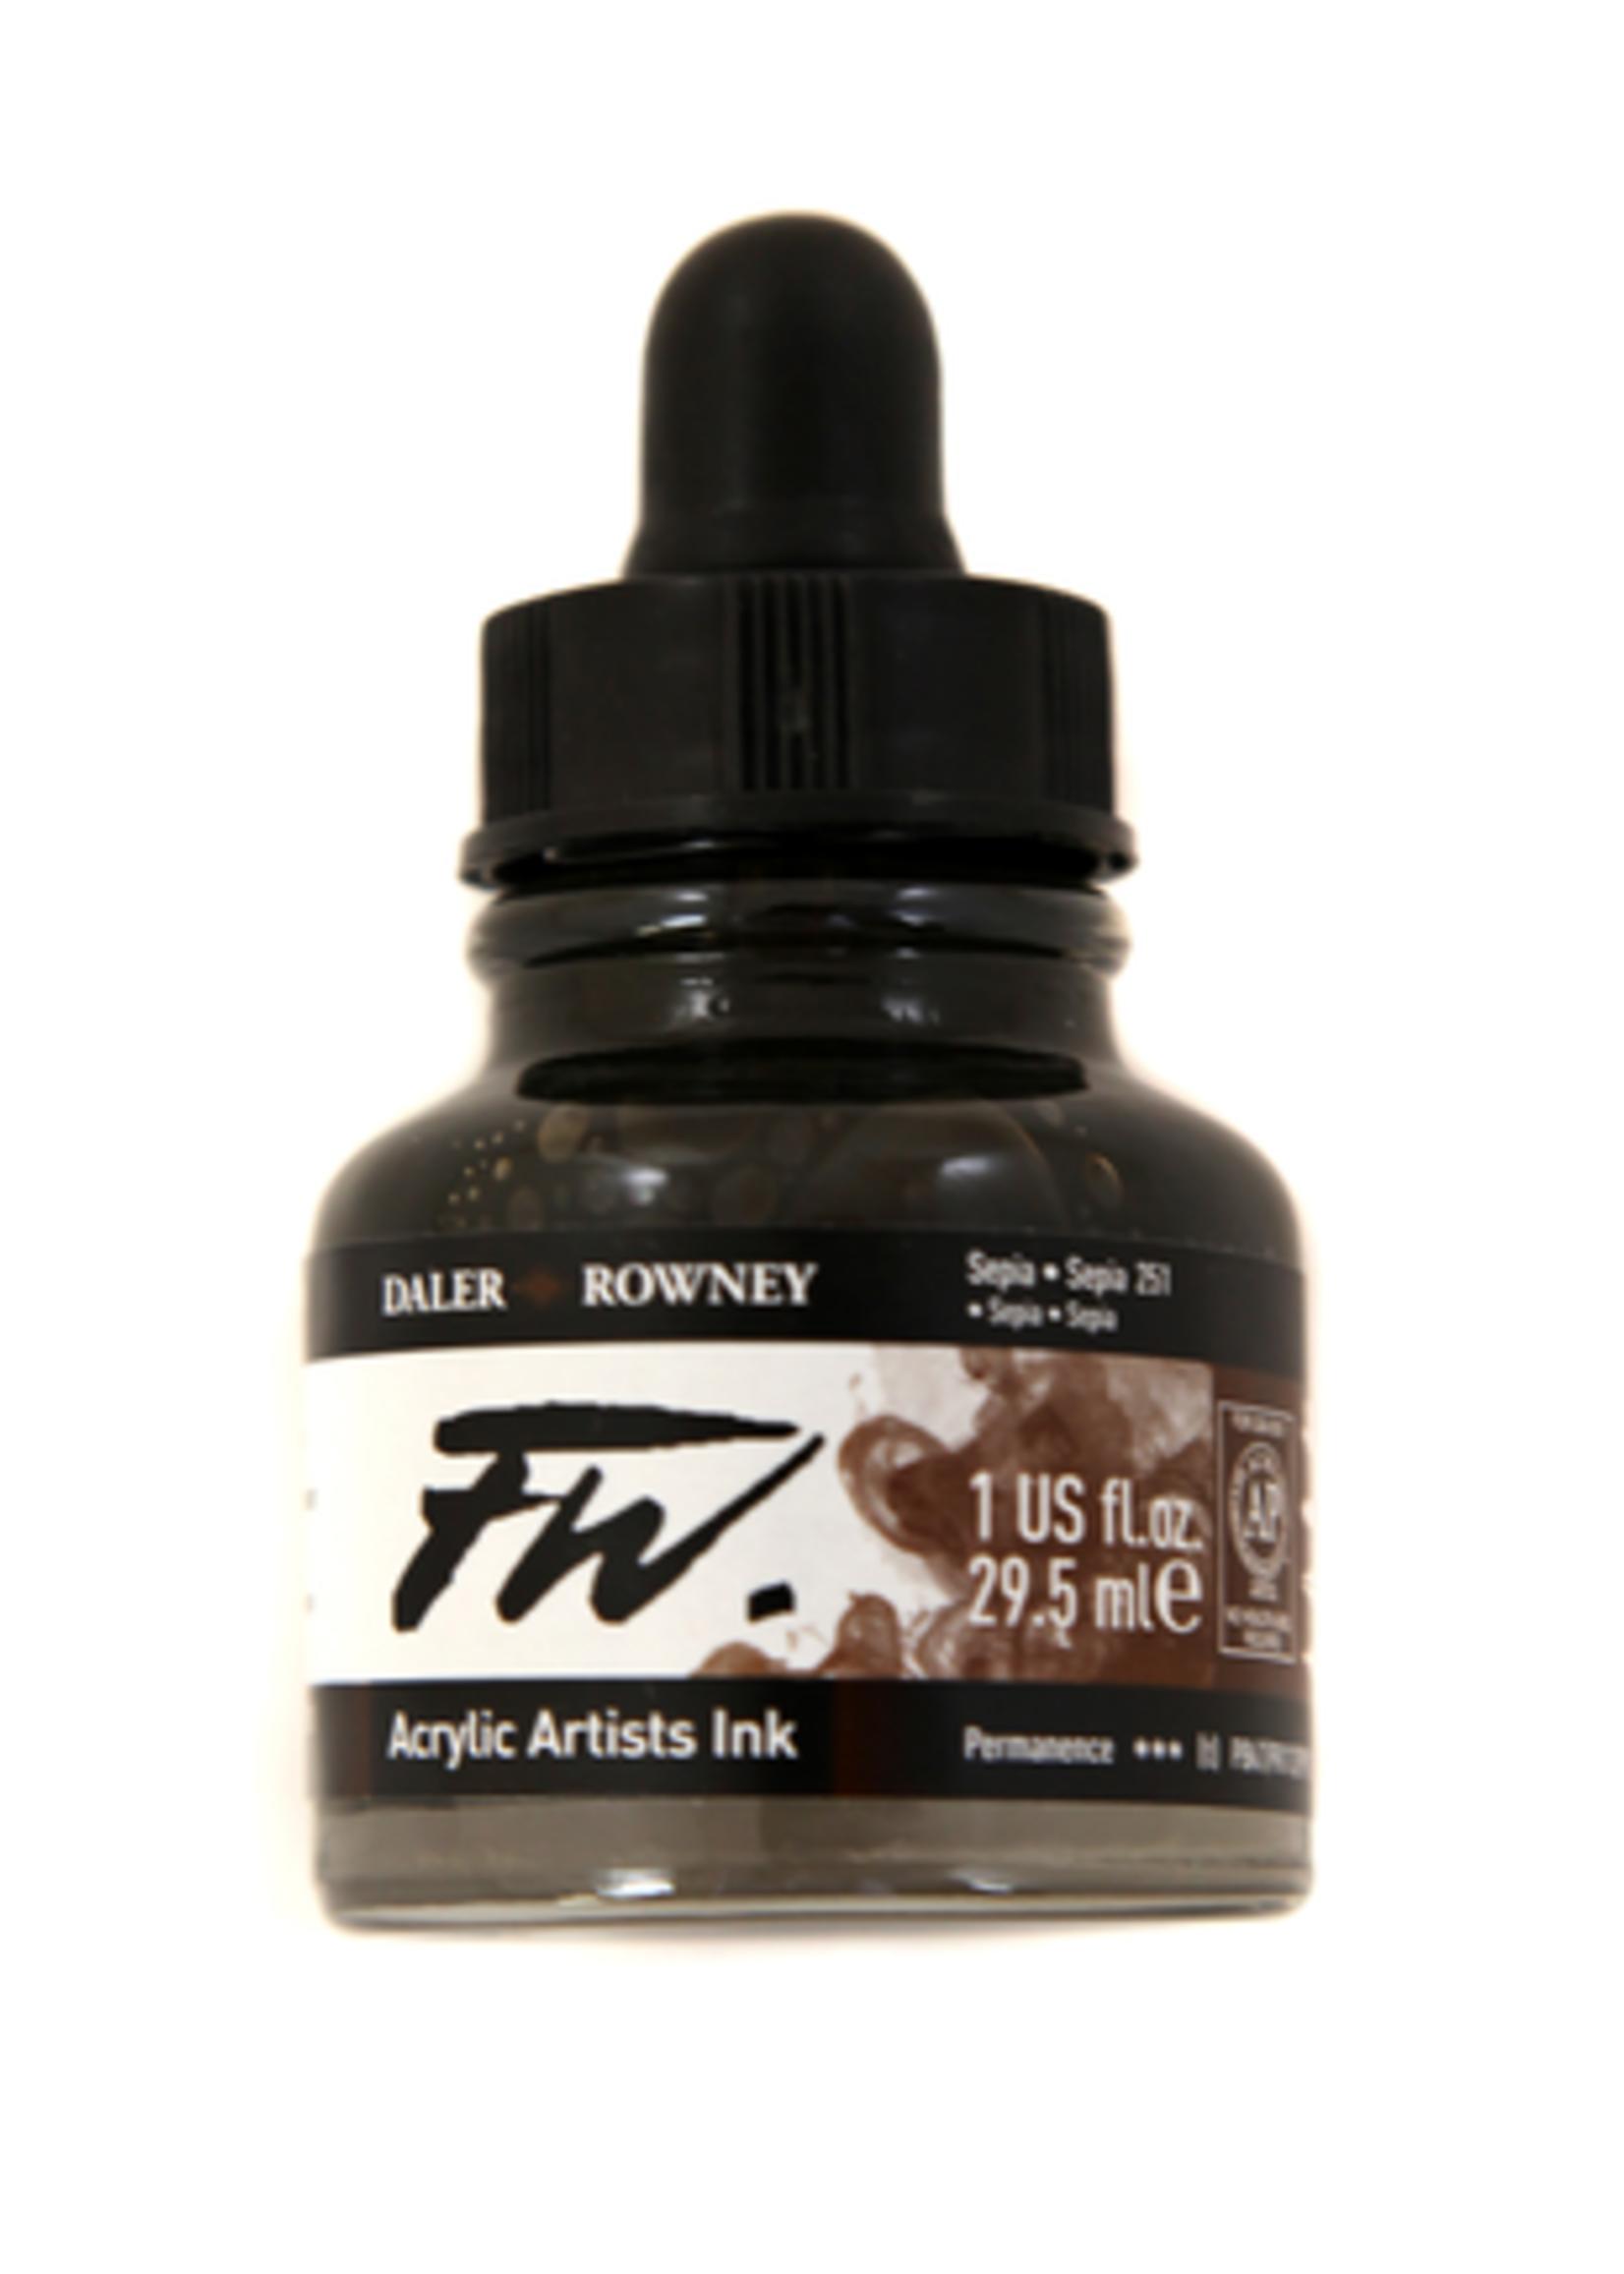 DALER-ROWNEY/FILA CO FW LIQUID ACRYLIC INK 1OZ -